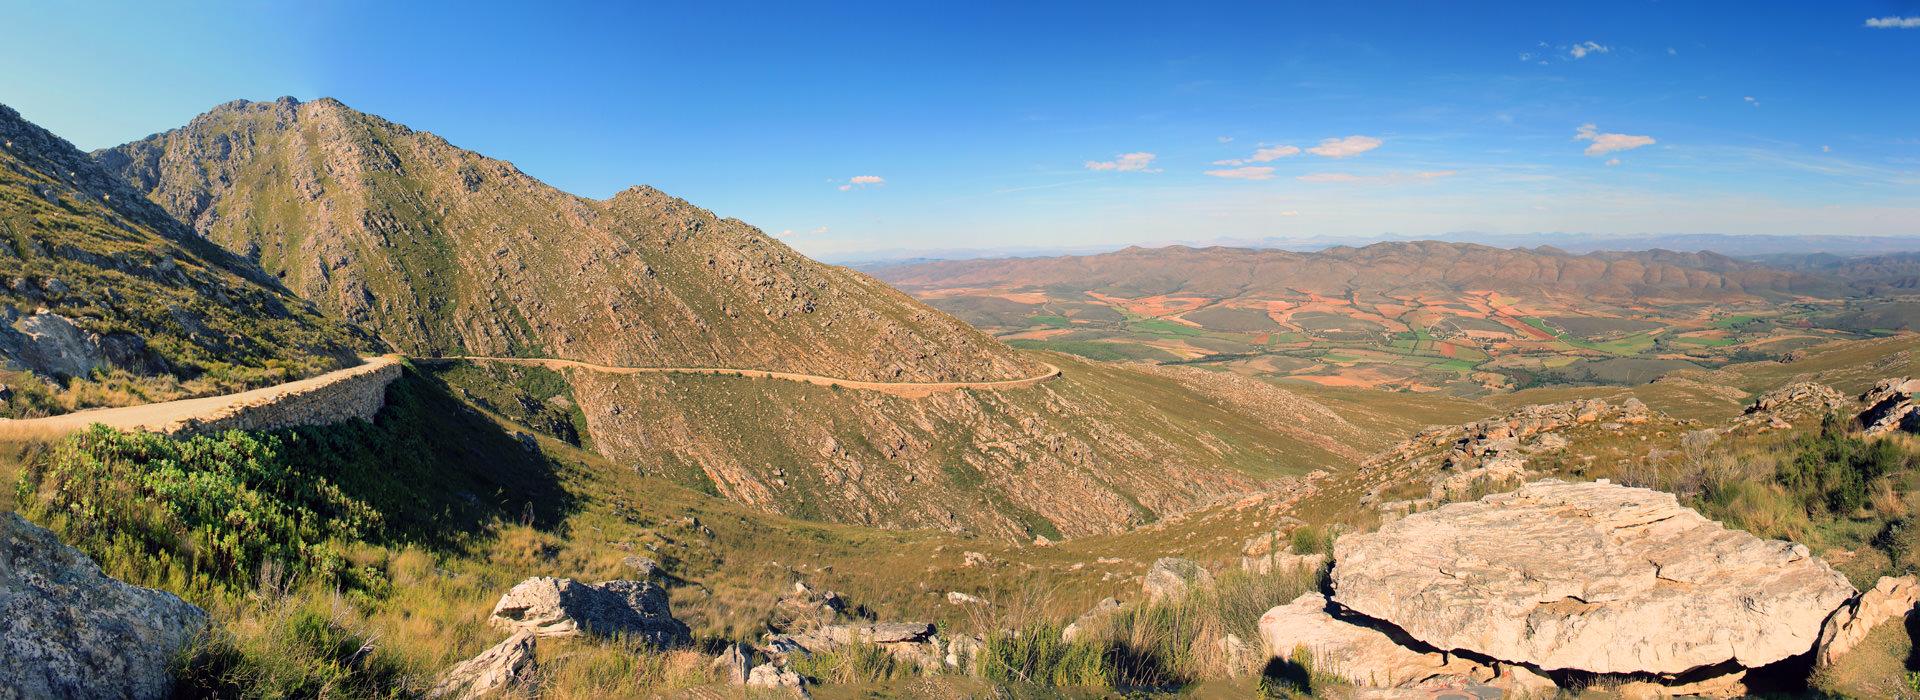 Einer Der Schönsten Bergpässe Südafrikas